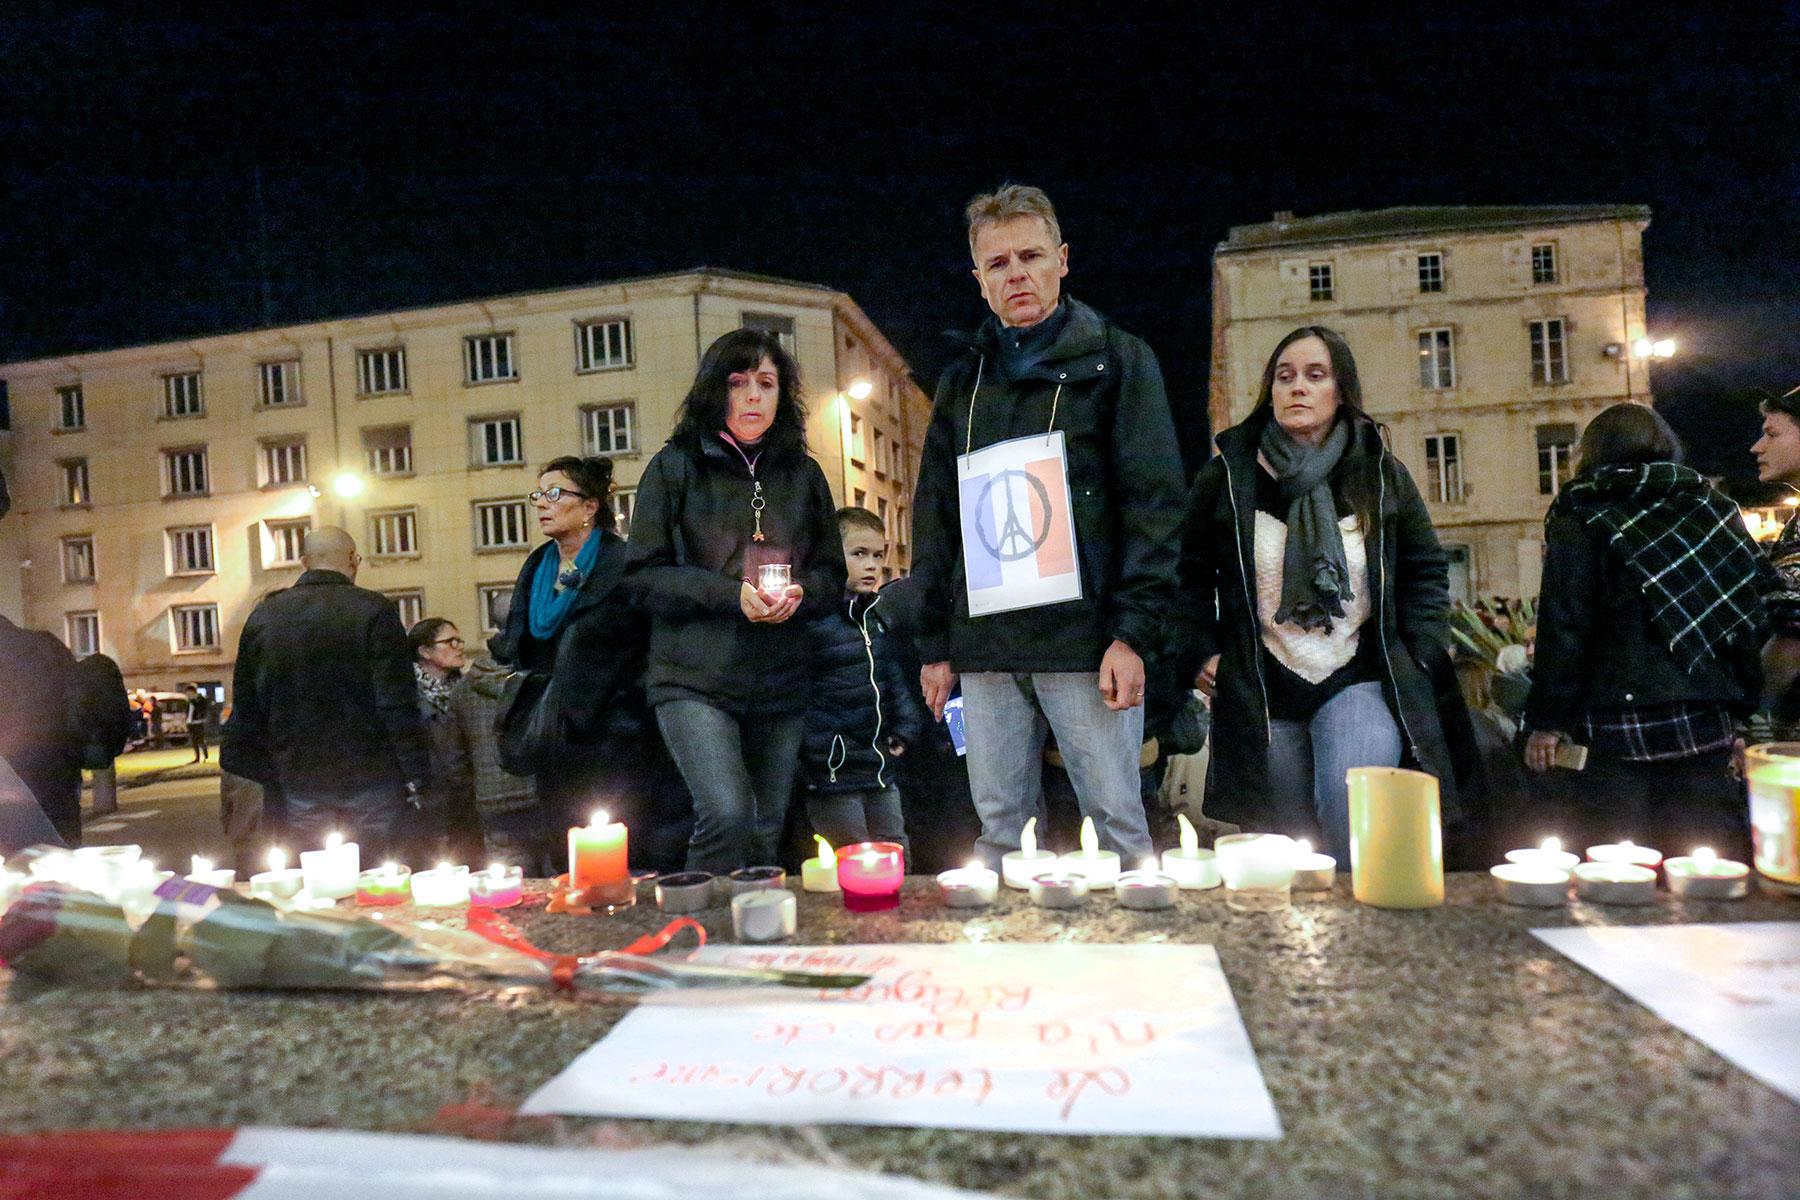 7 janvier - 13 novembre. 2.015 aura été définitivement marqué par les attentats de Charlie et du Bataclan dont les commémorations ont rapproché les Français dans la douleur et la colère. À Niort comme dans le monde entier, les hommages aux victimes ont connu une résonance incomparable. @ Eric Pollet